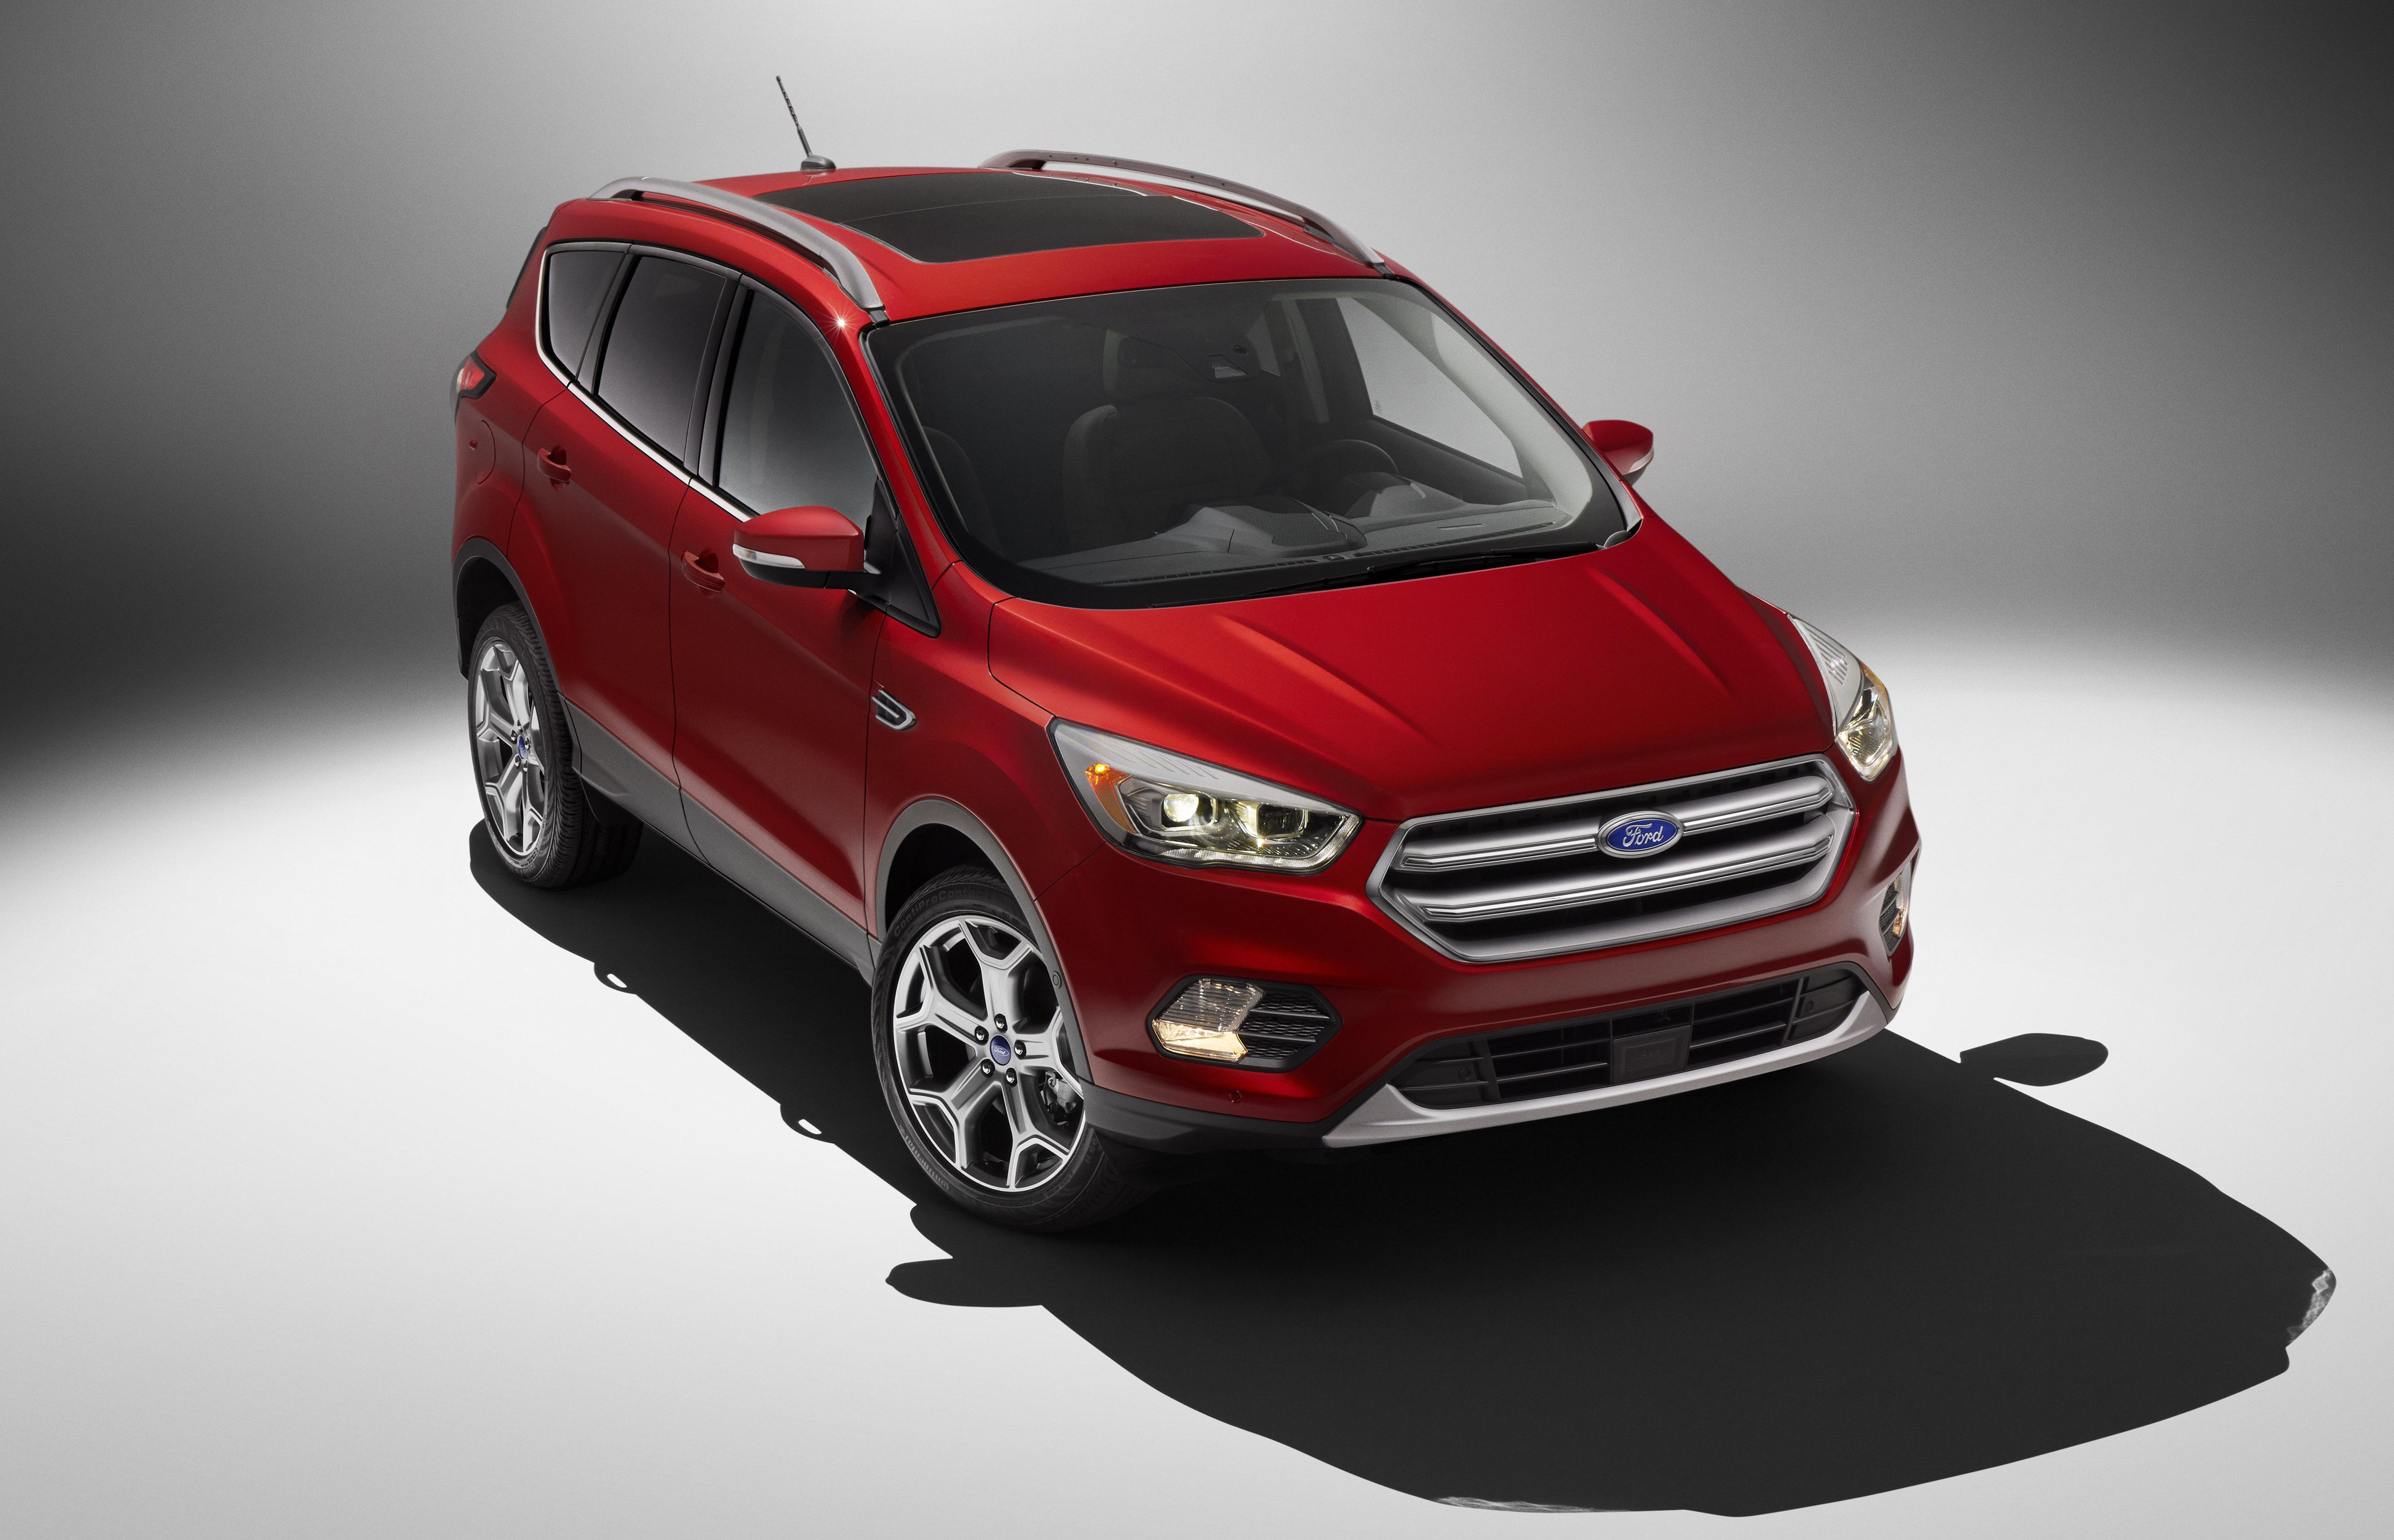 A red 2017 Ford Escape SUV.